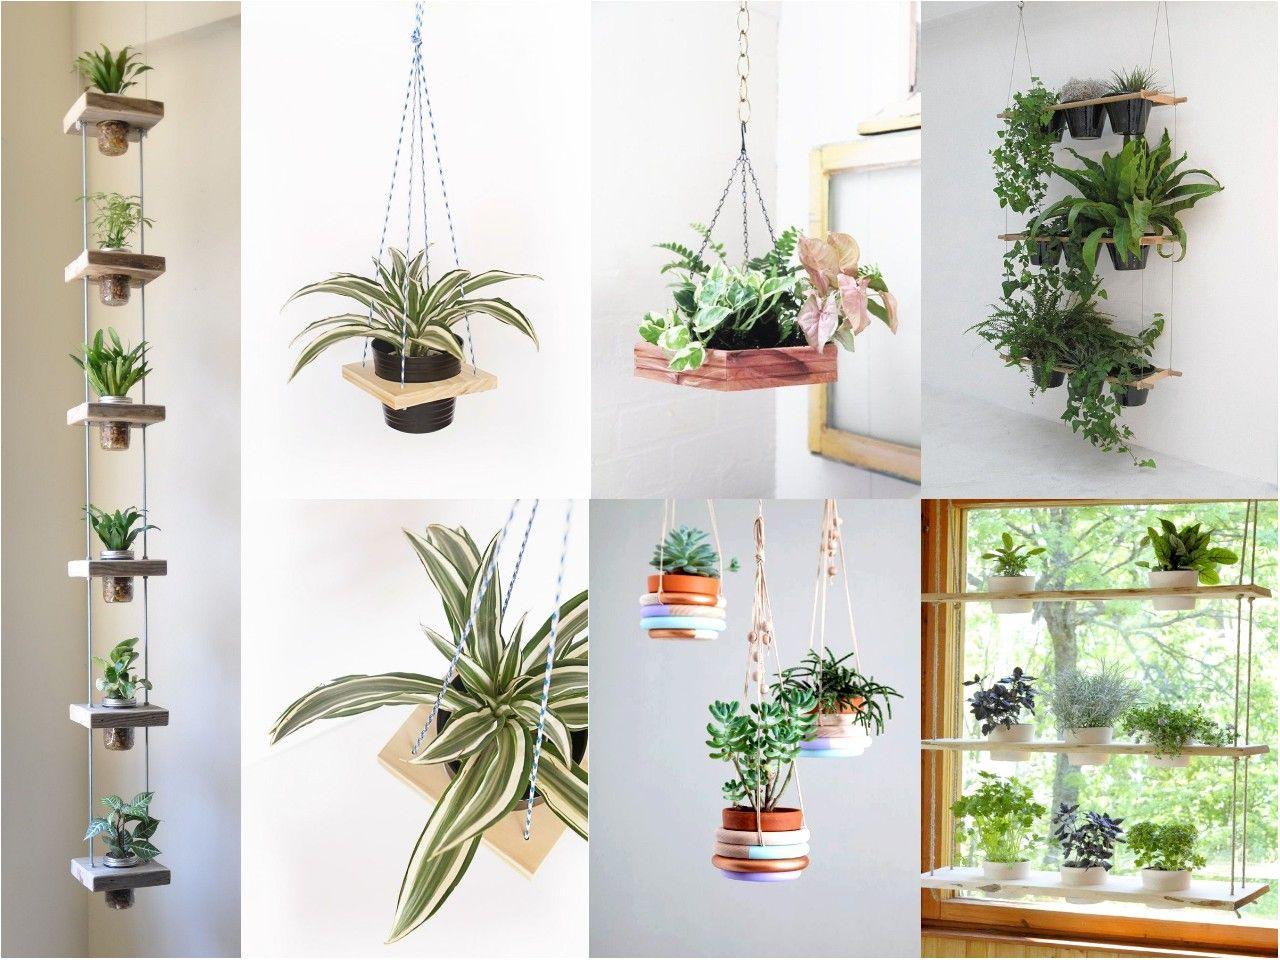 Decorar con plantas en estantes colgantes interior - Estantes para plantas ...